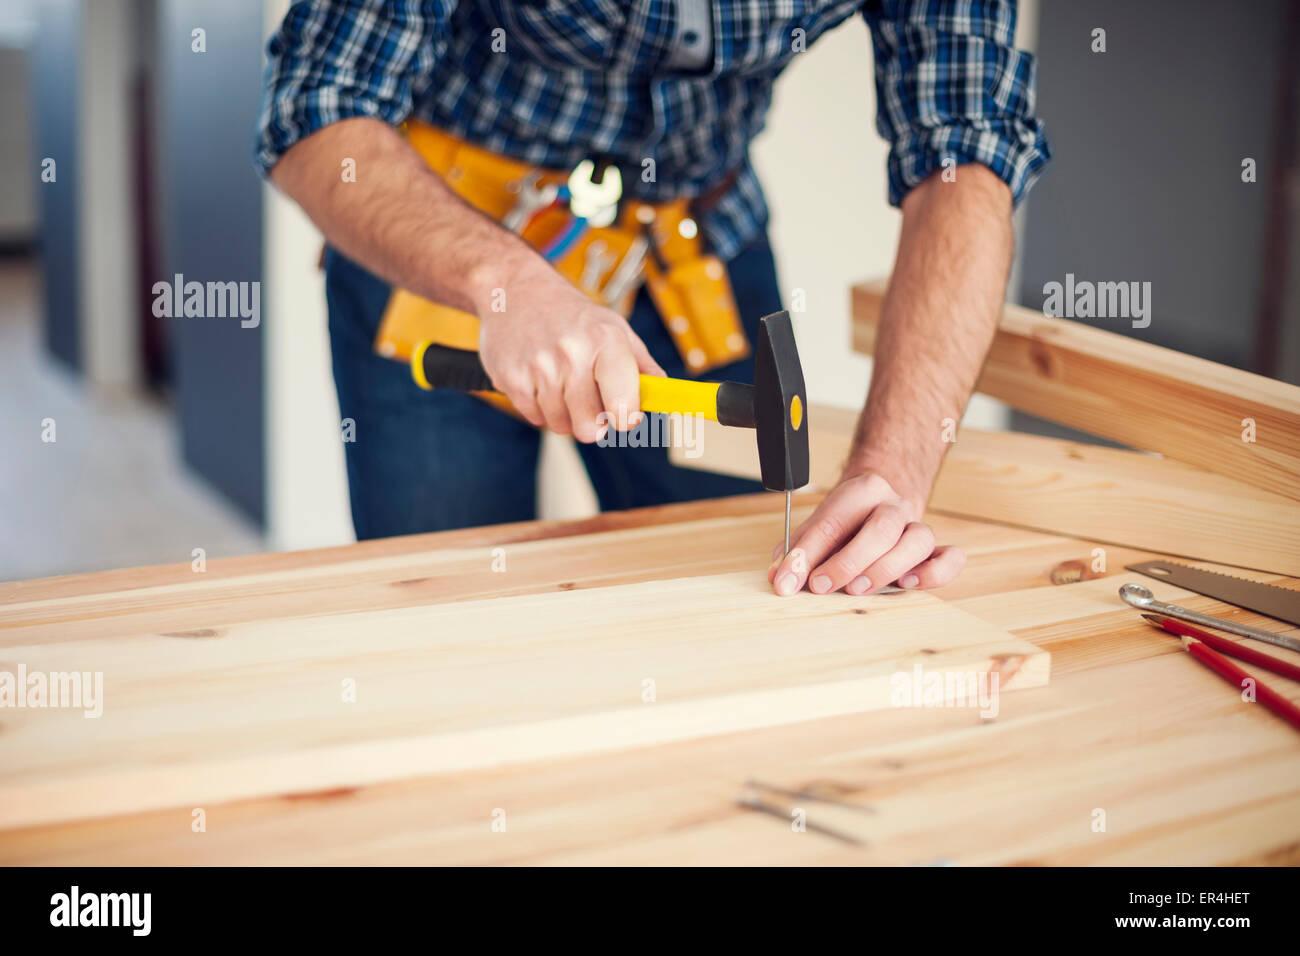 Close up uomo colpendo chiodo da un martello. Pilzno, Polonia Immagini Stock